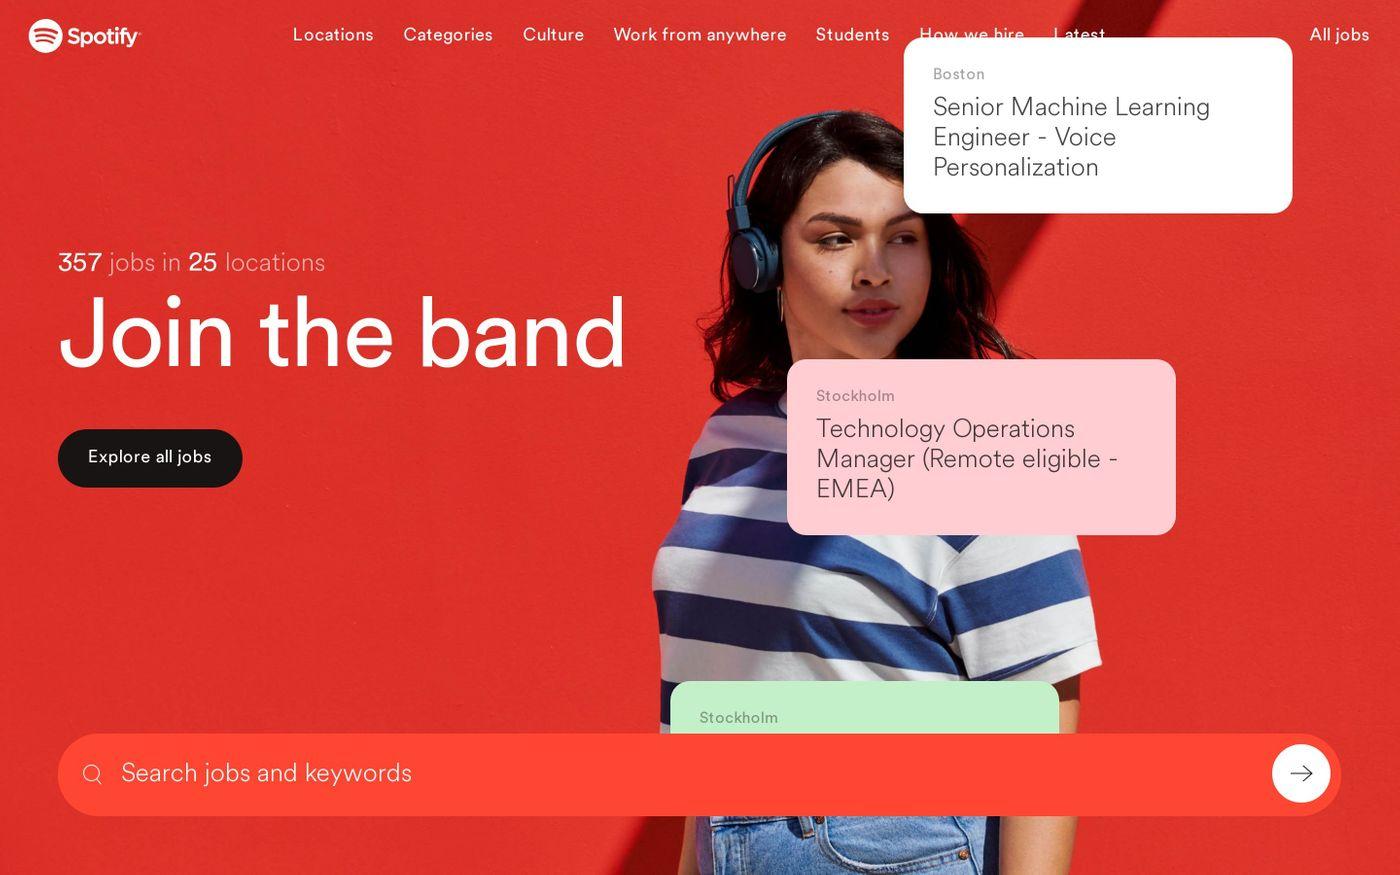 Screenshot of Spotify jobs website